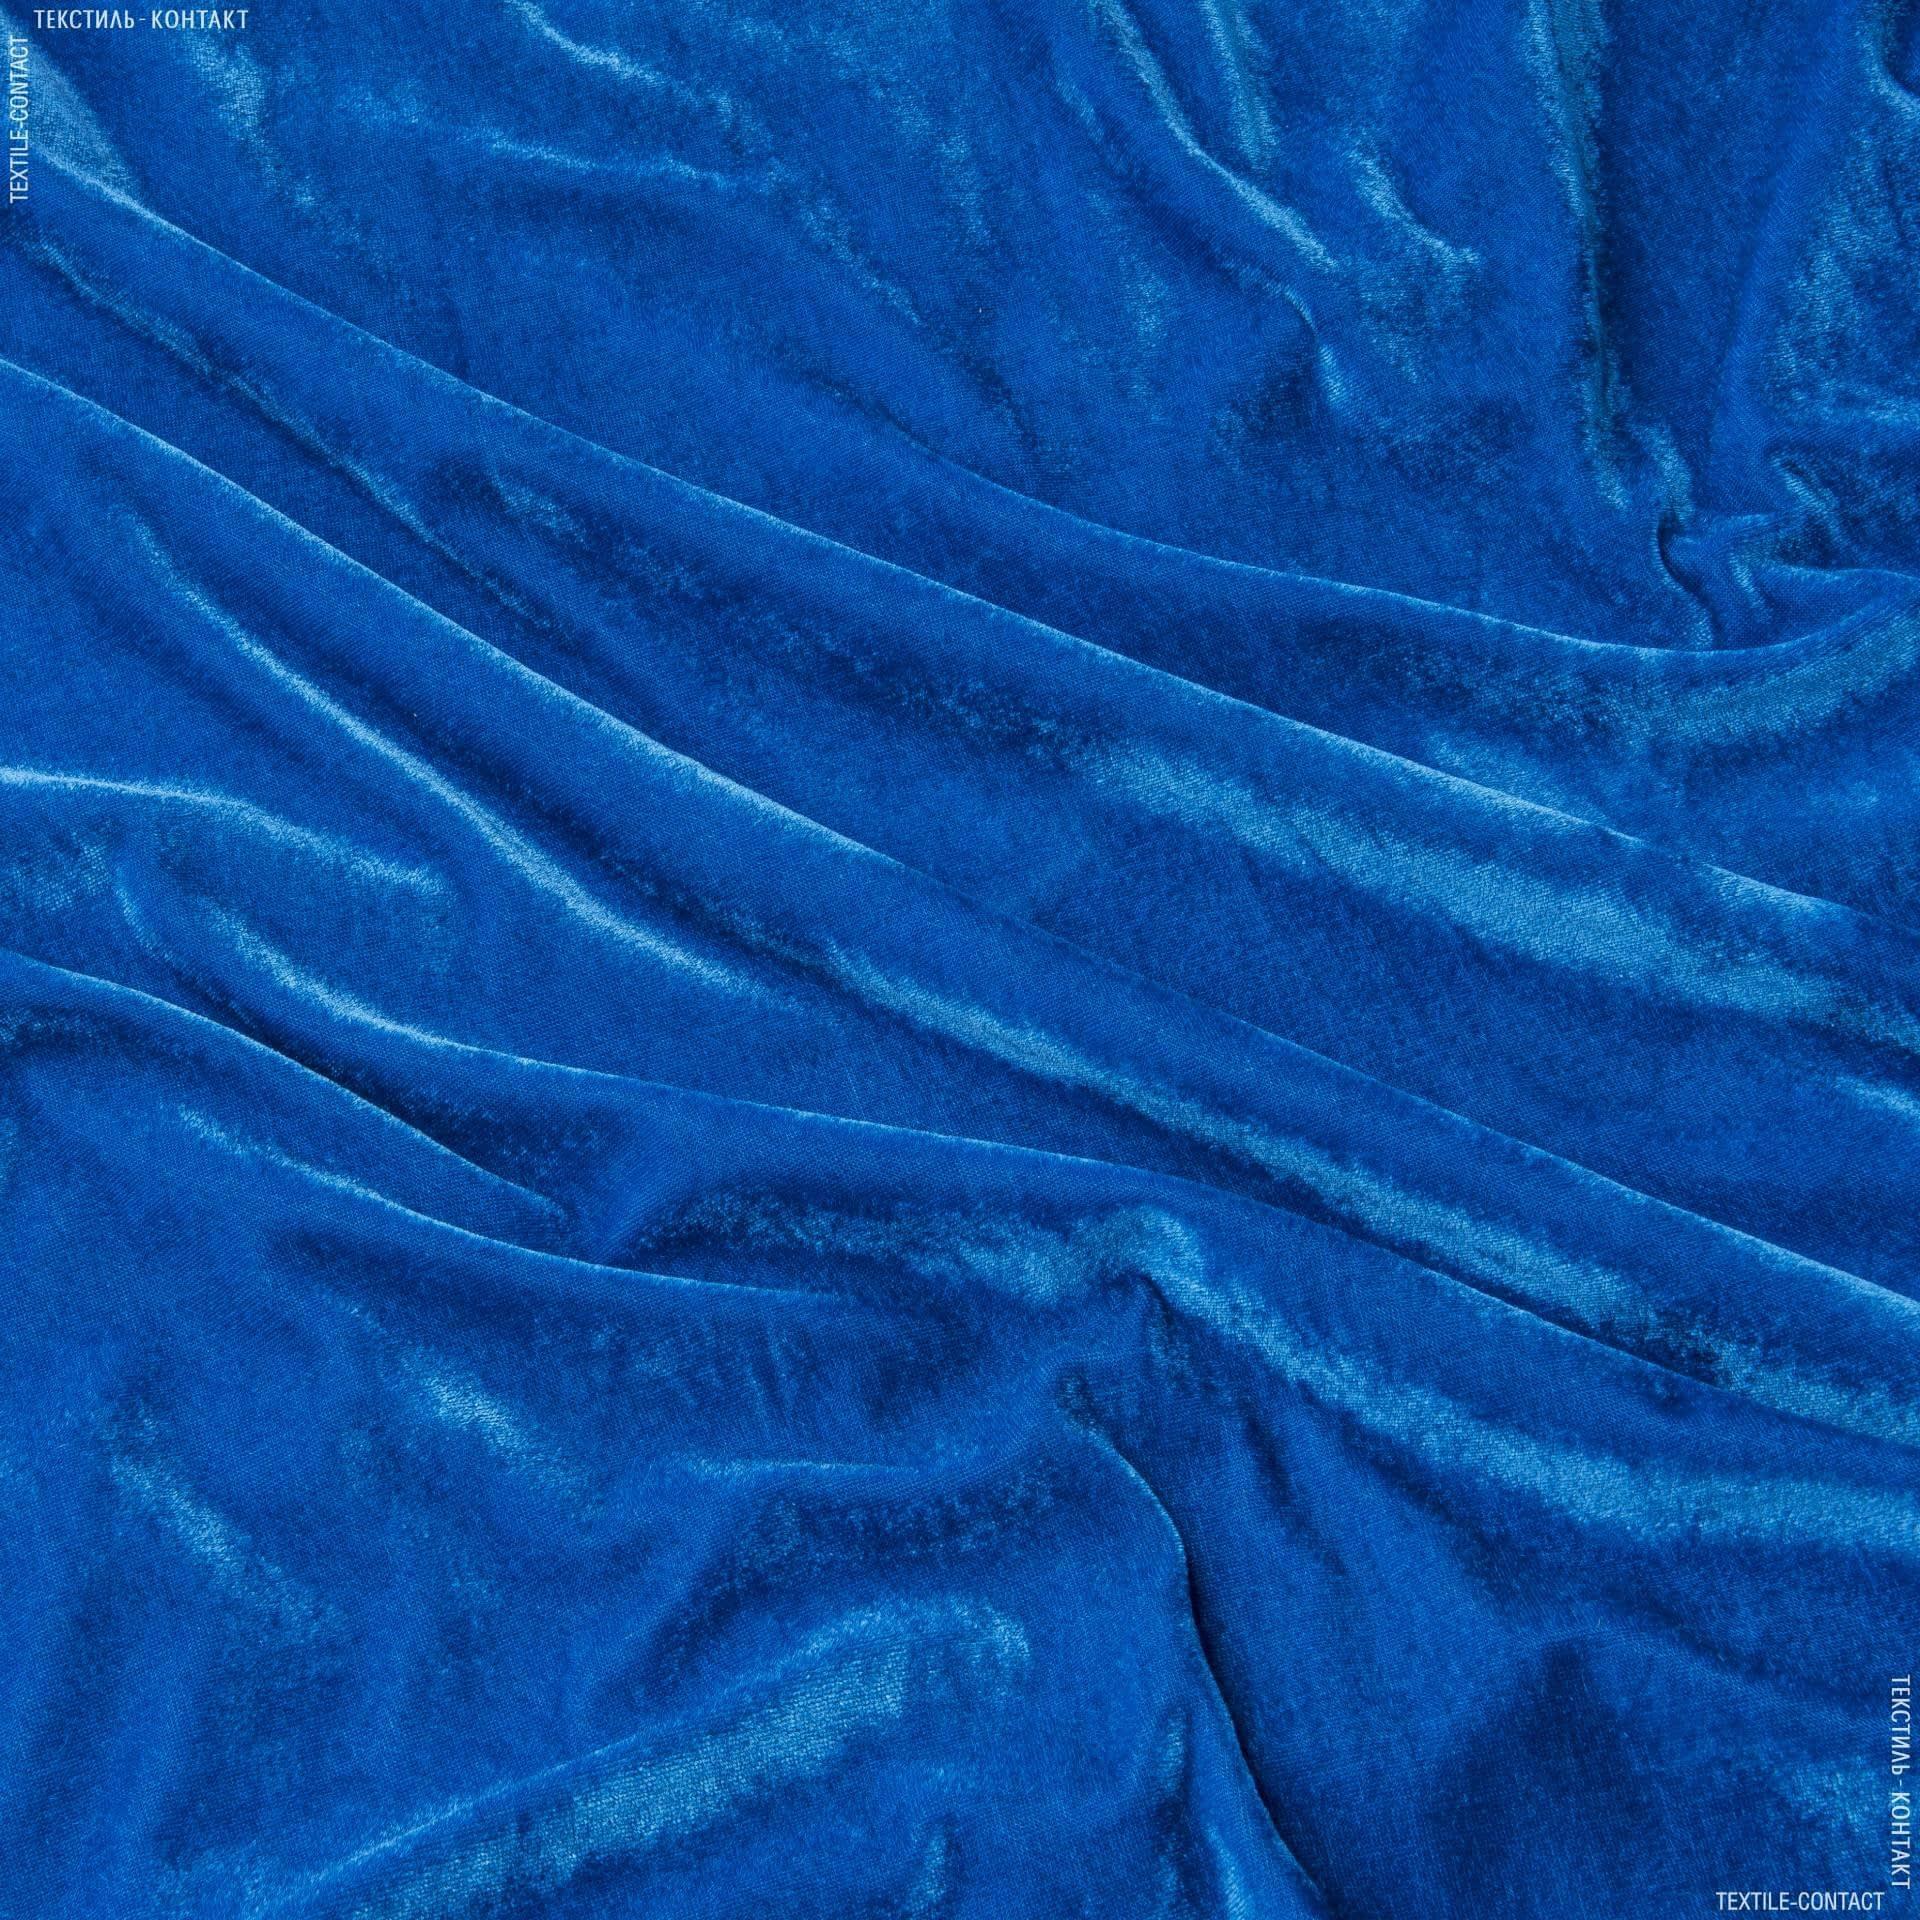 Ткани для платьев - Велюр стрейч темно-голубой